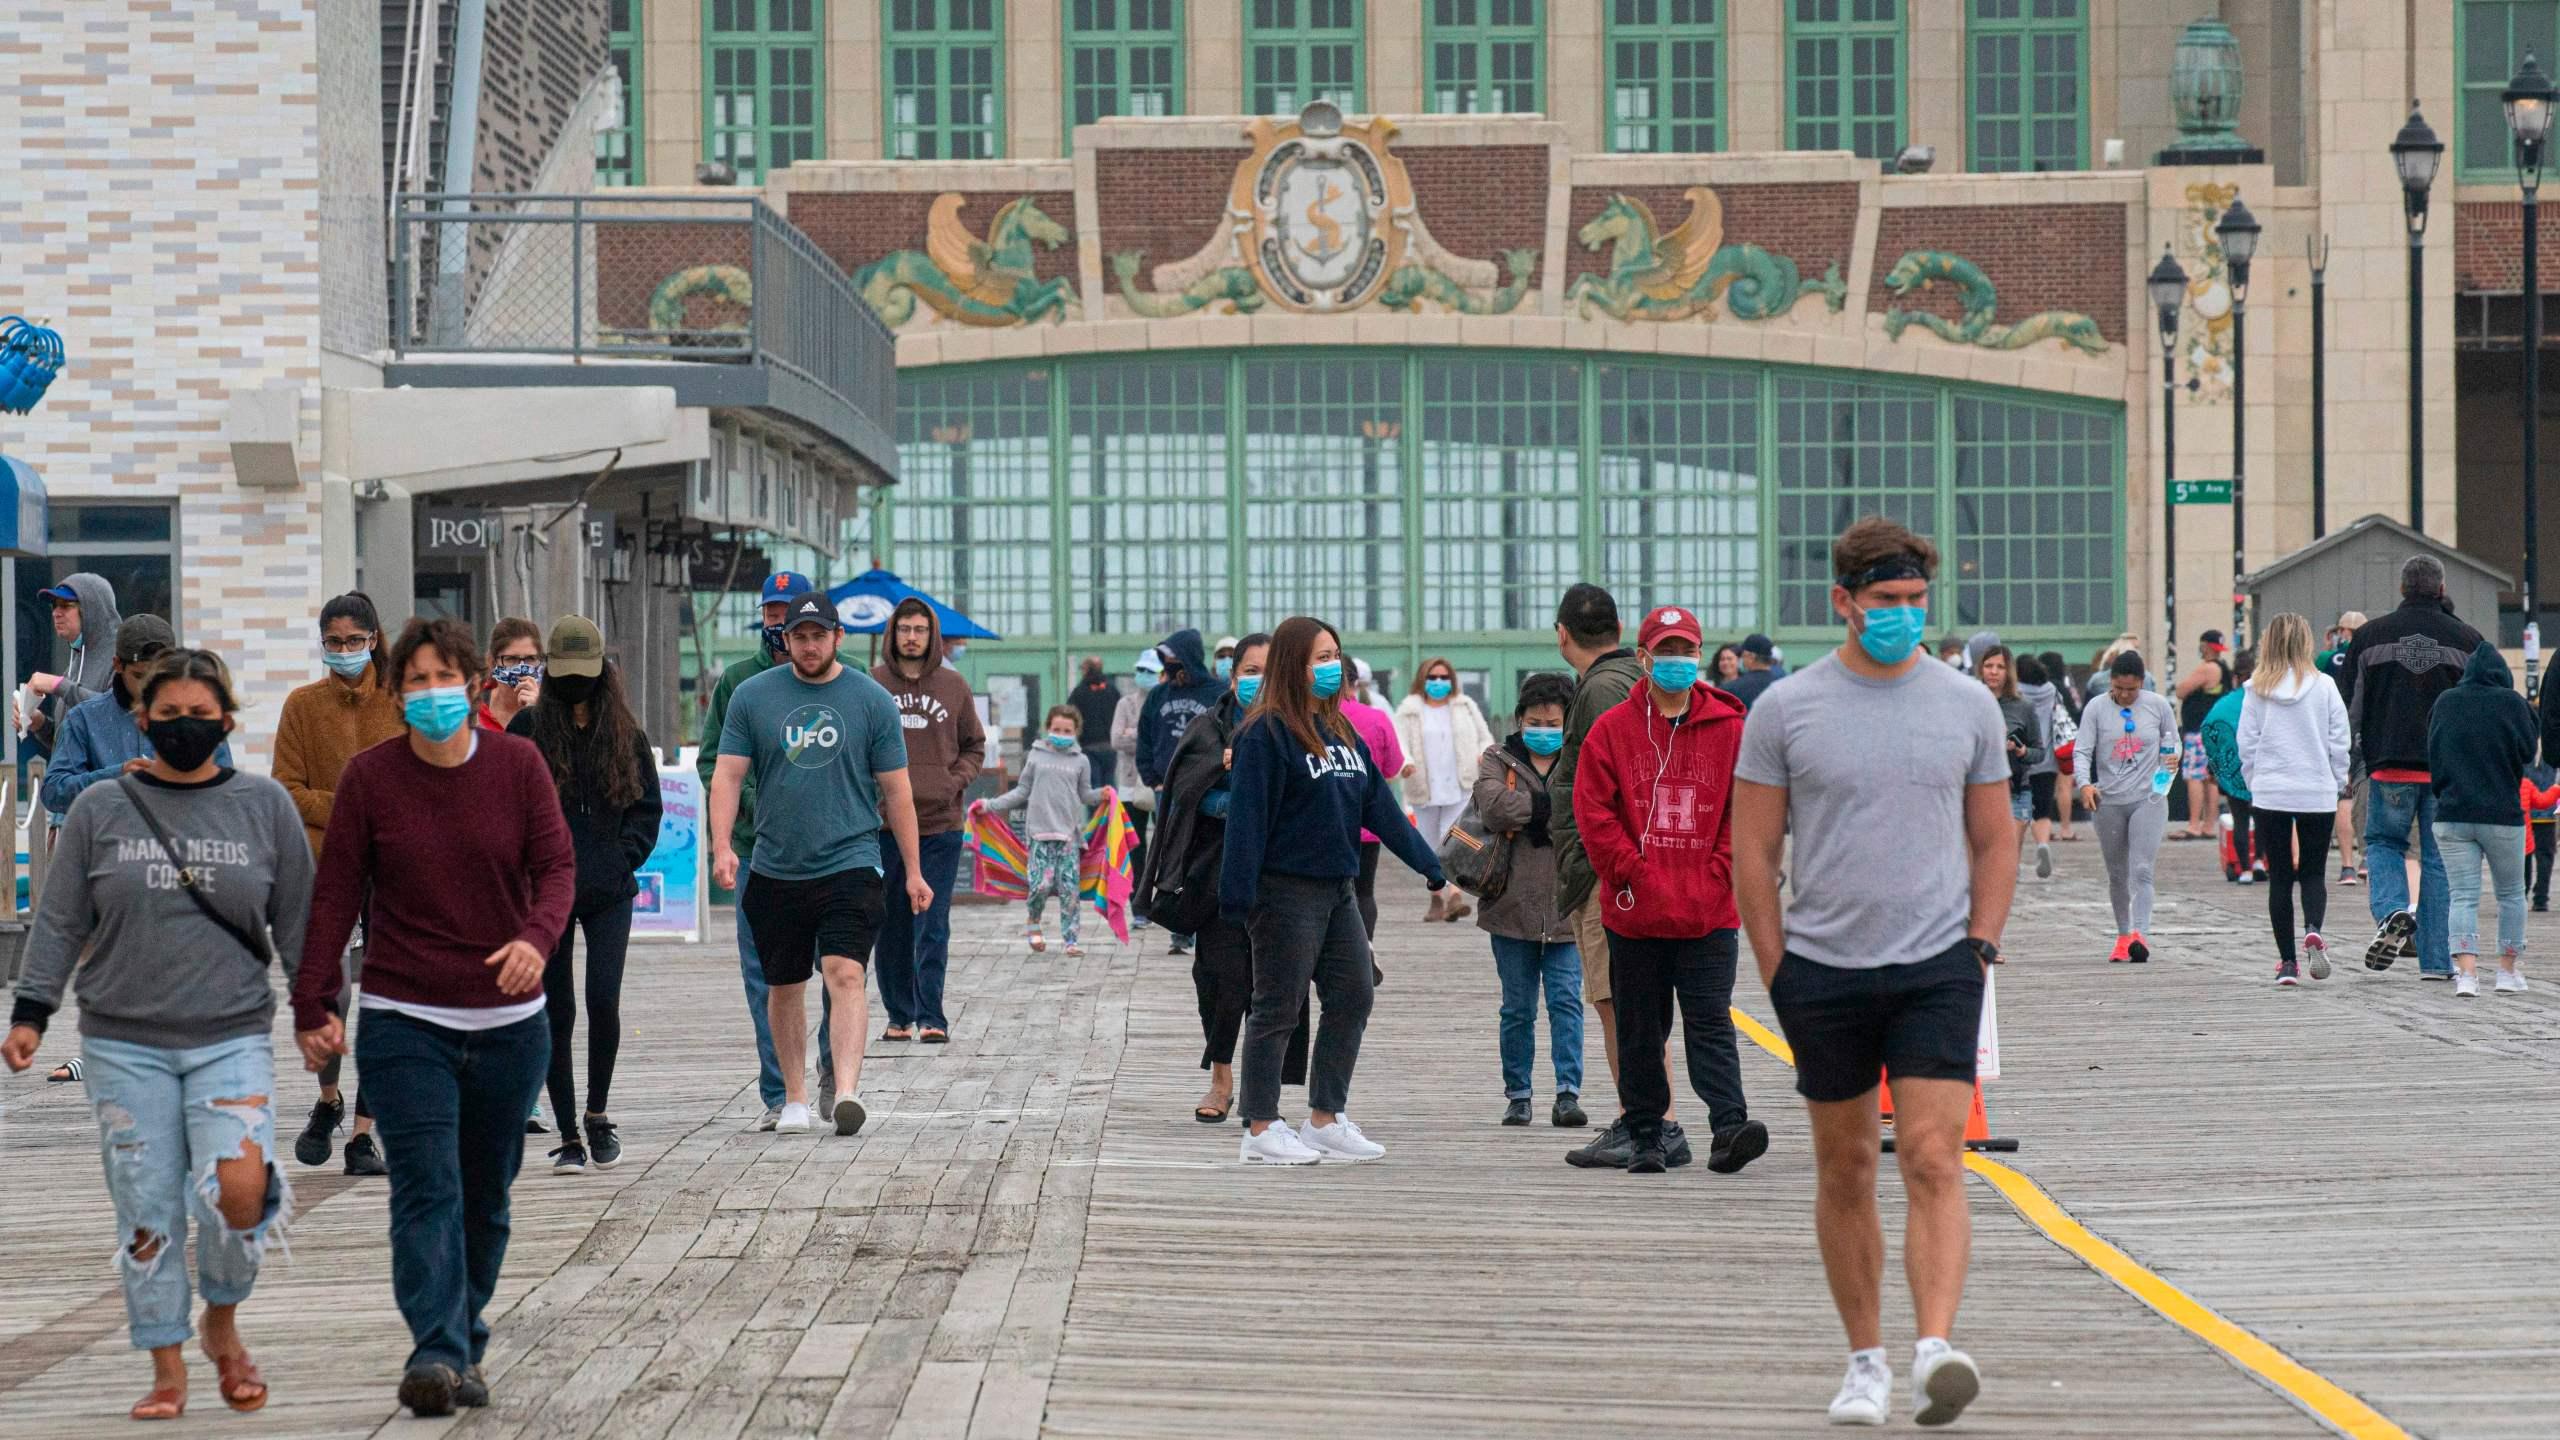 People walk by the boardwalk